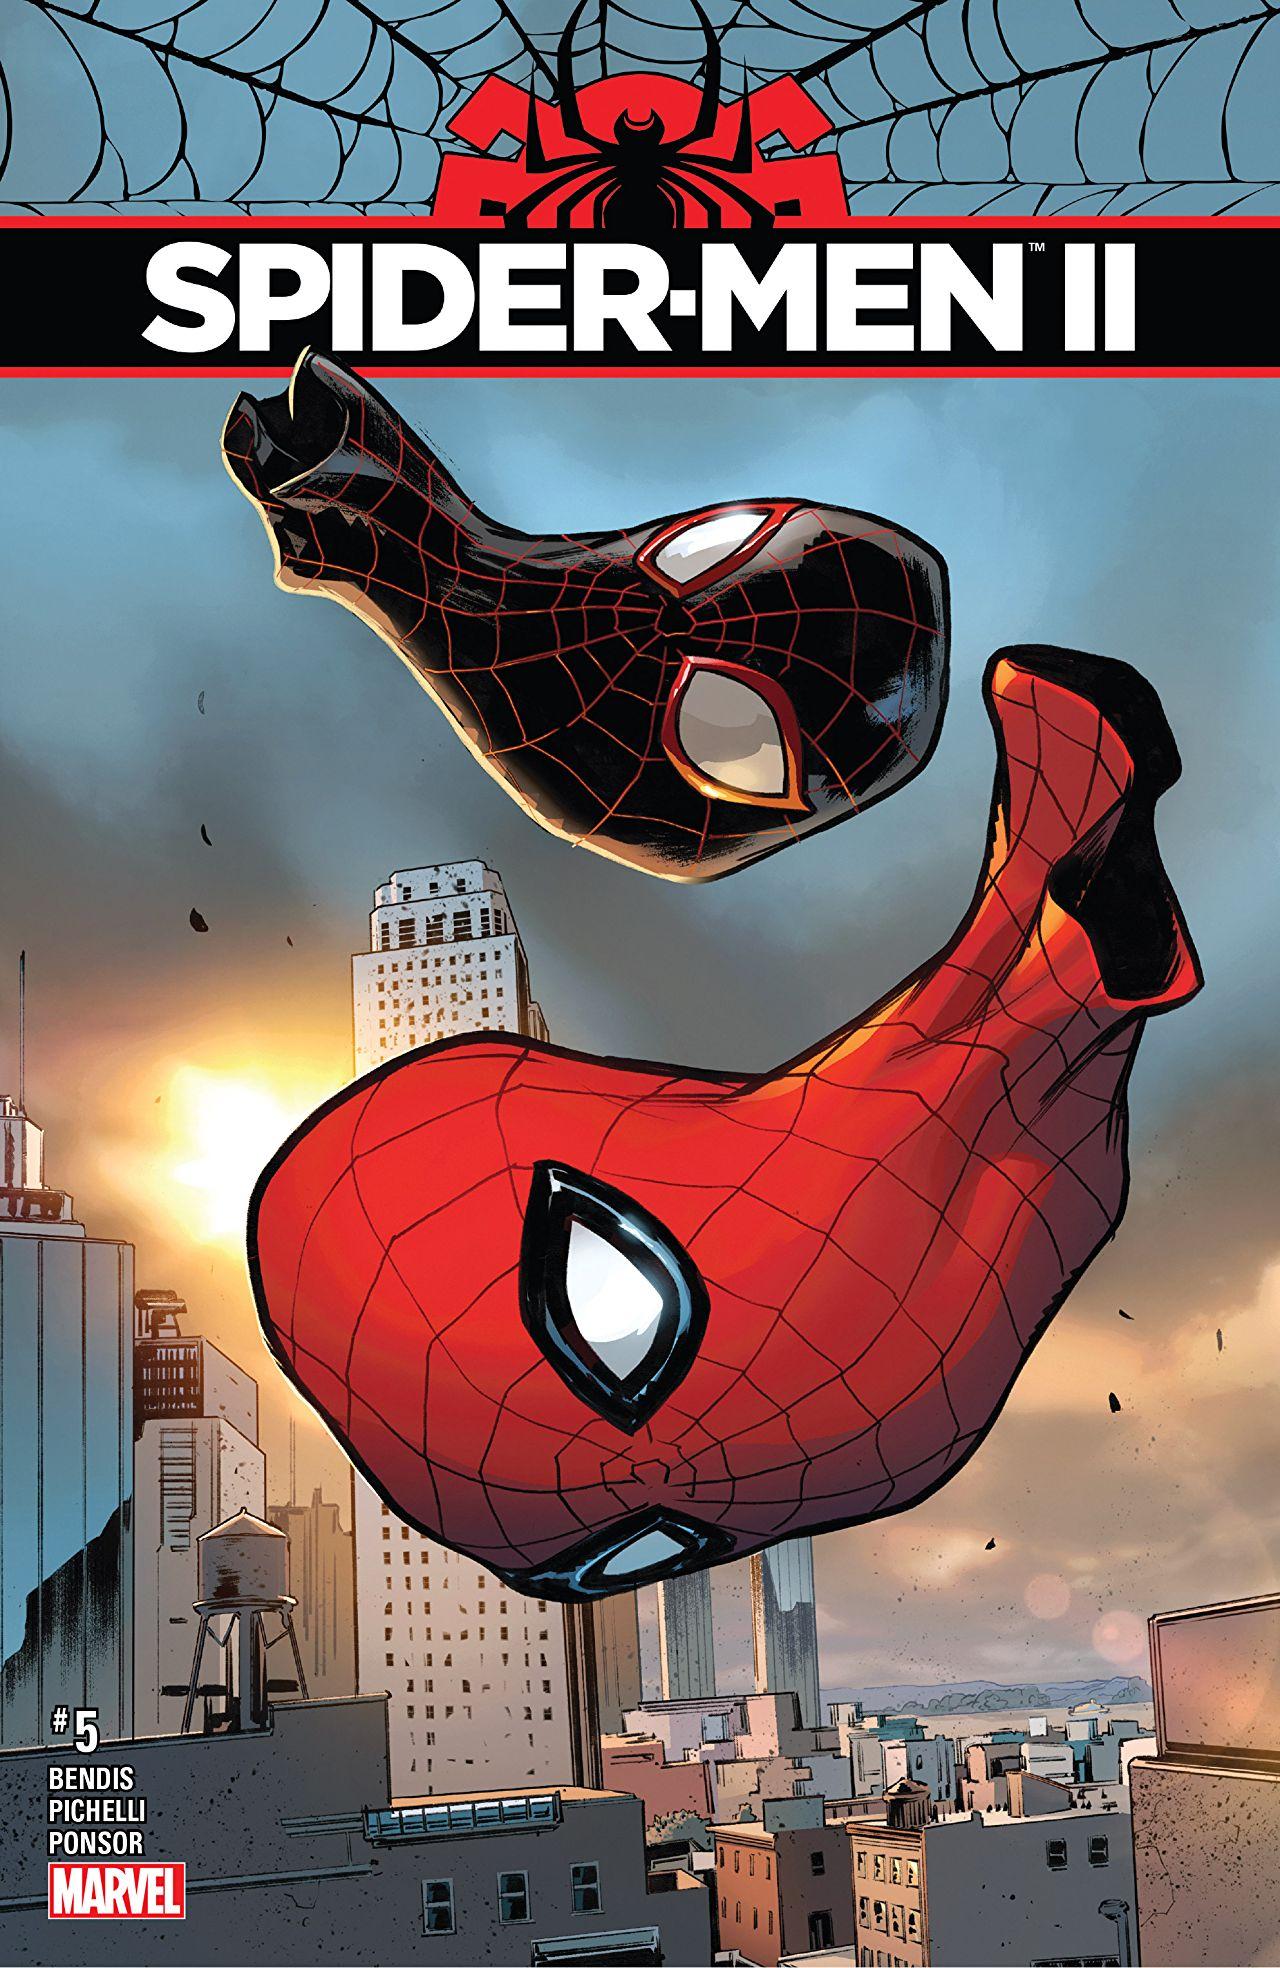 Spider-Men II, Spider-Man